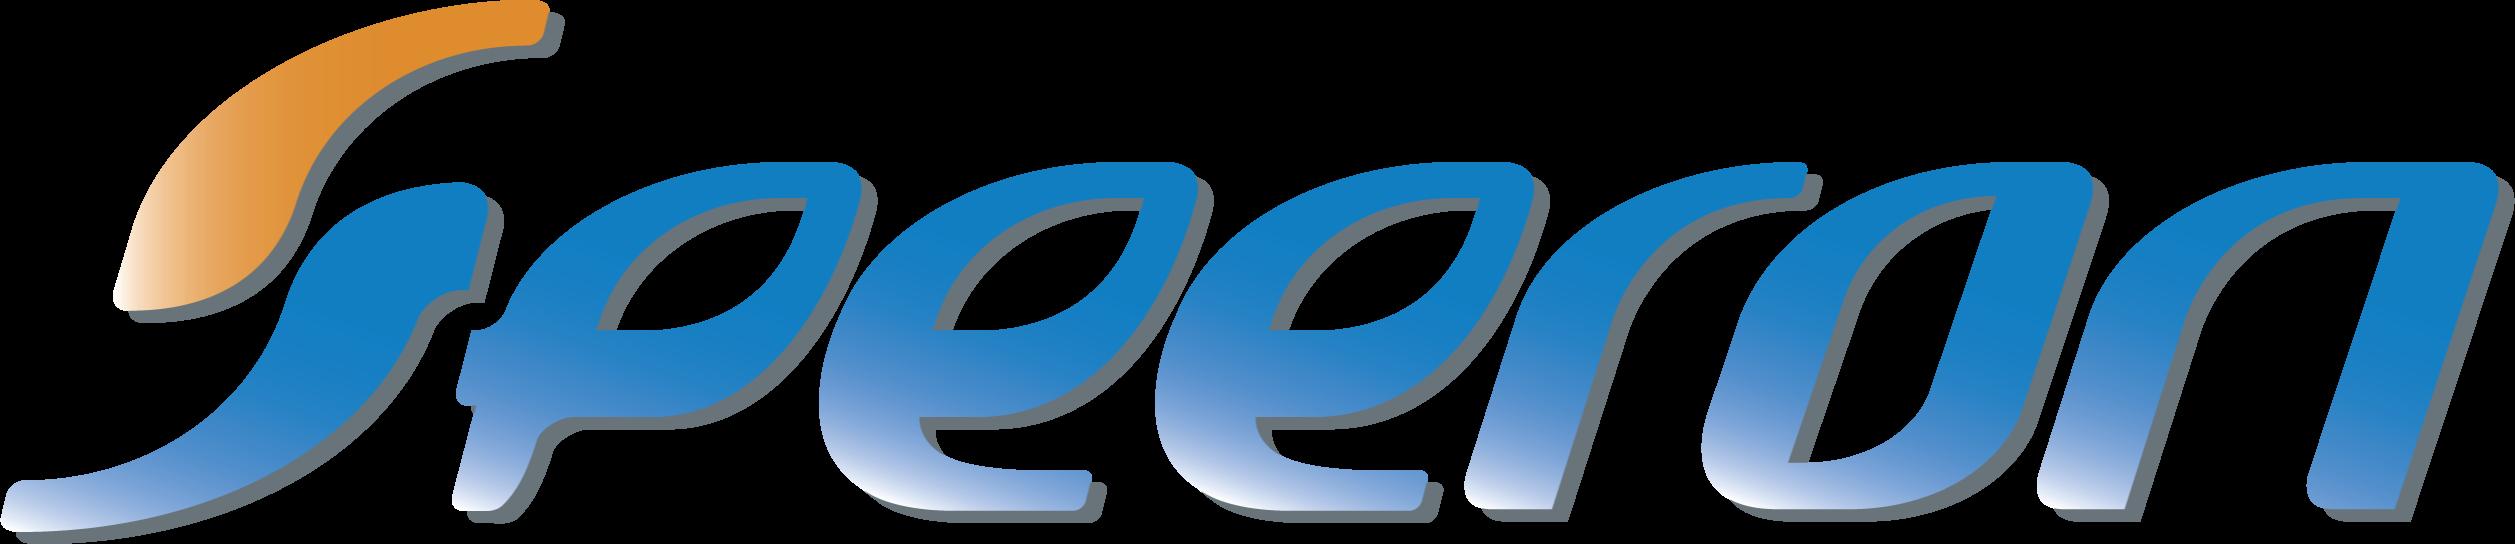 Speeron logo